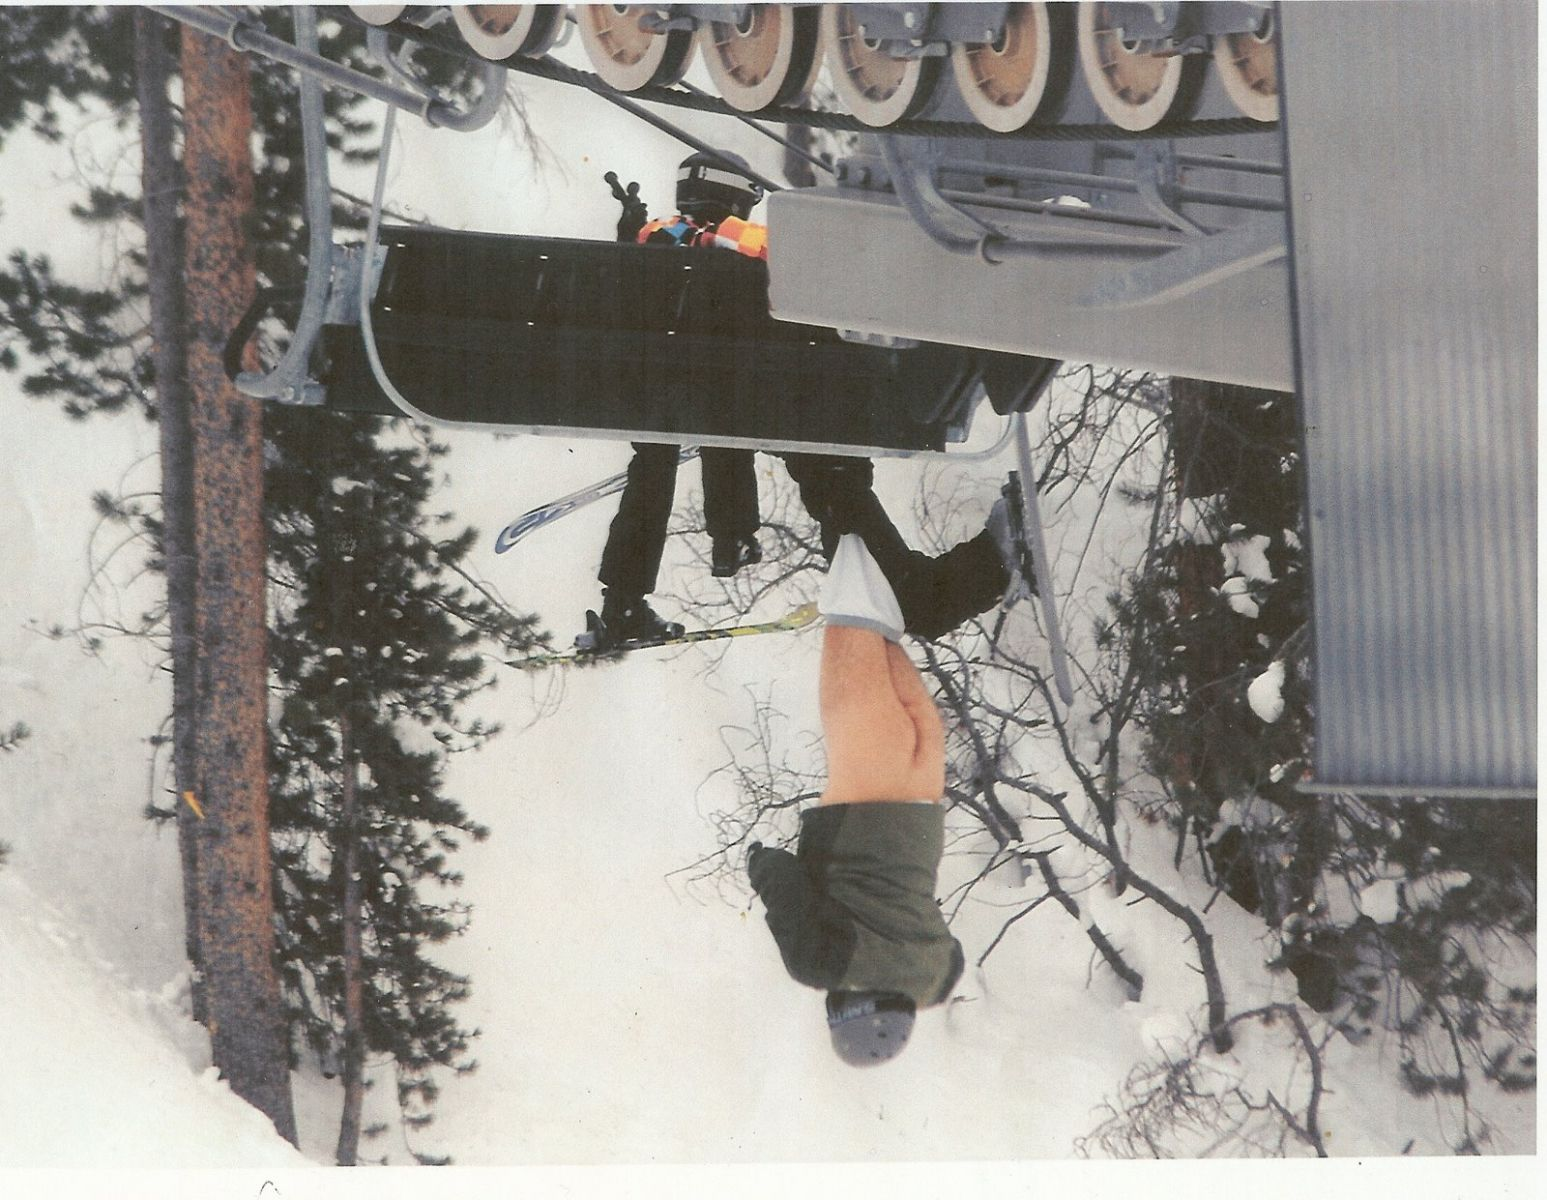 rood ski merk logo